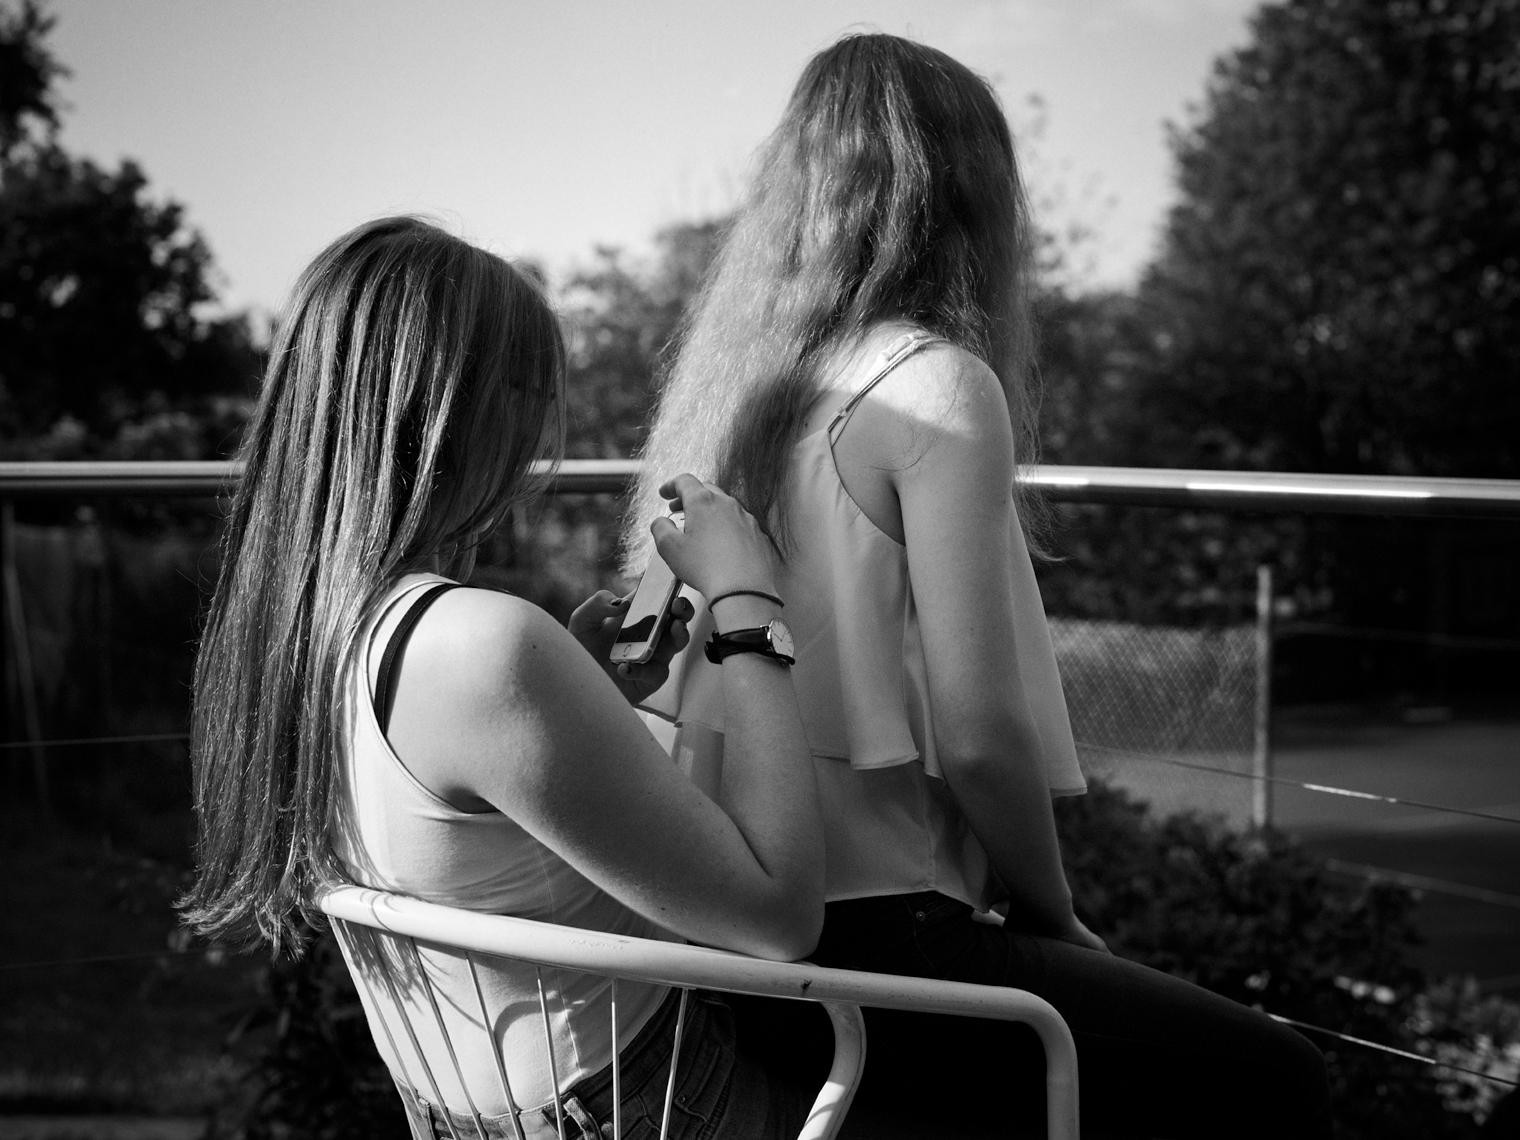 julie_hascoet_twins1.jpg